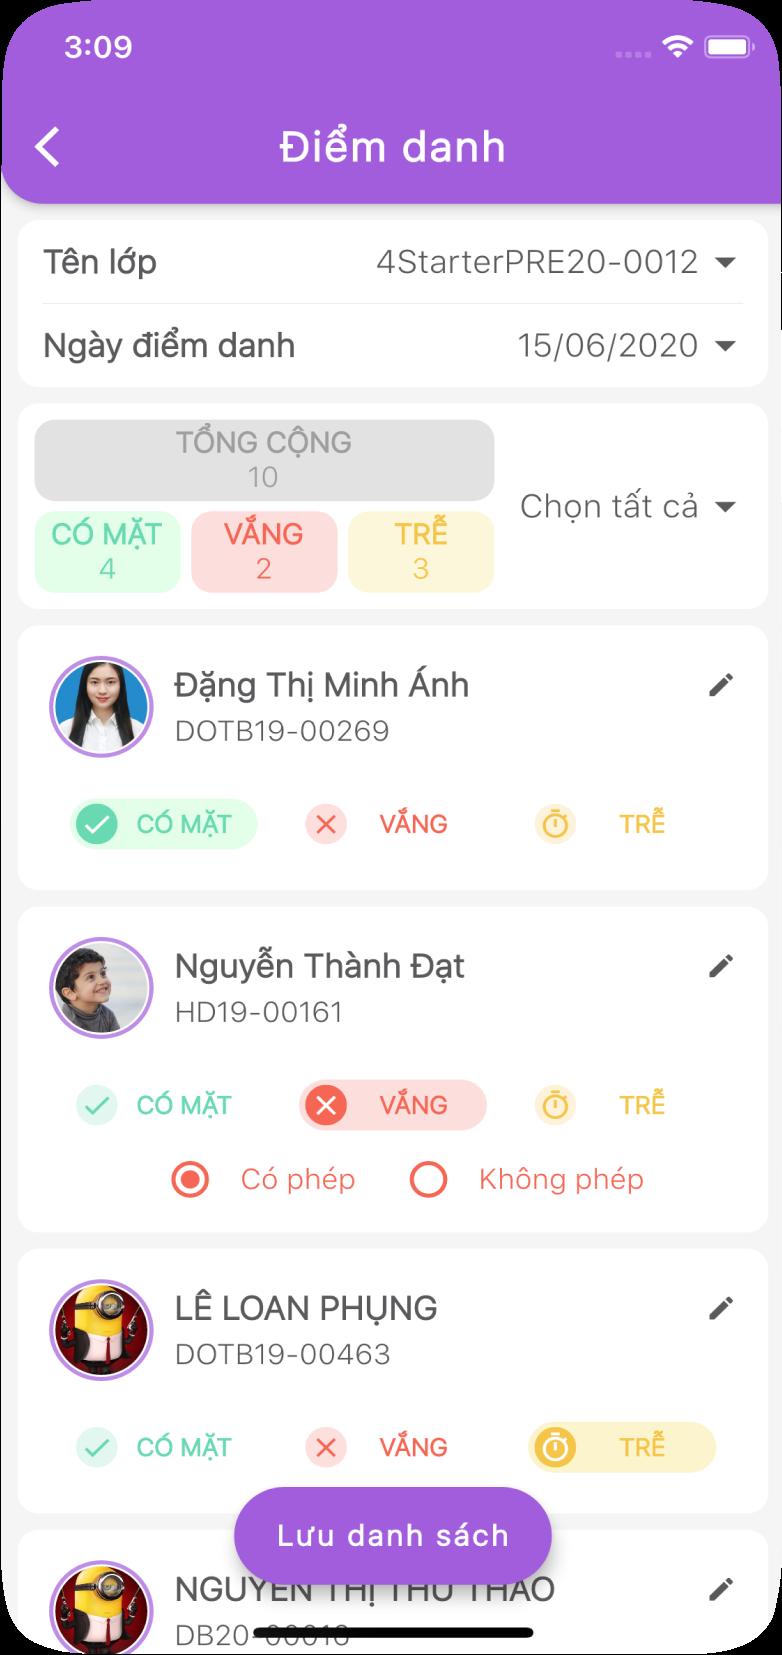 Hệ thống quản lý đào tạo - Quản lý trên Mobile cho giáo viên